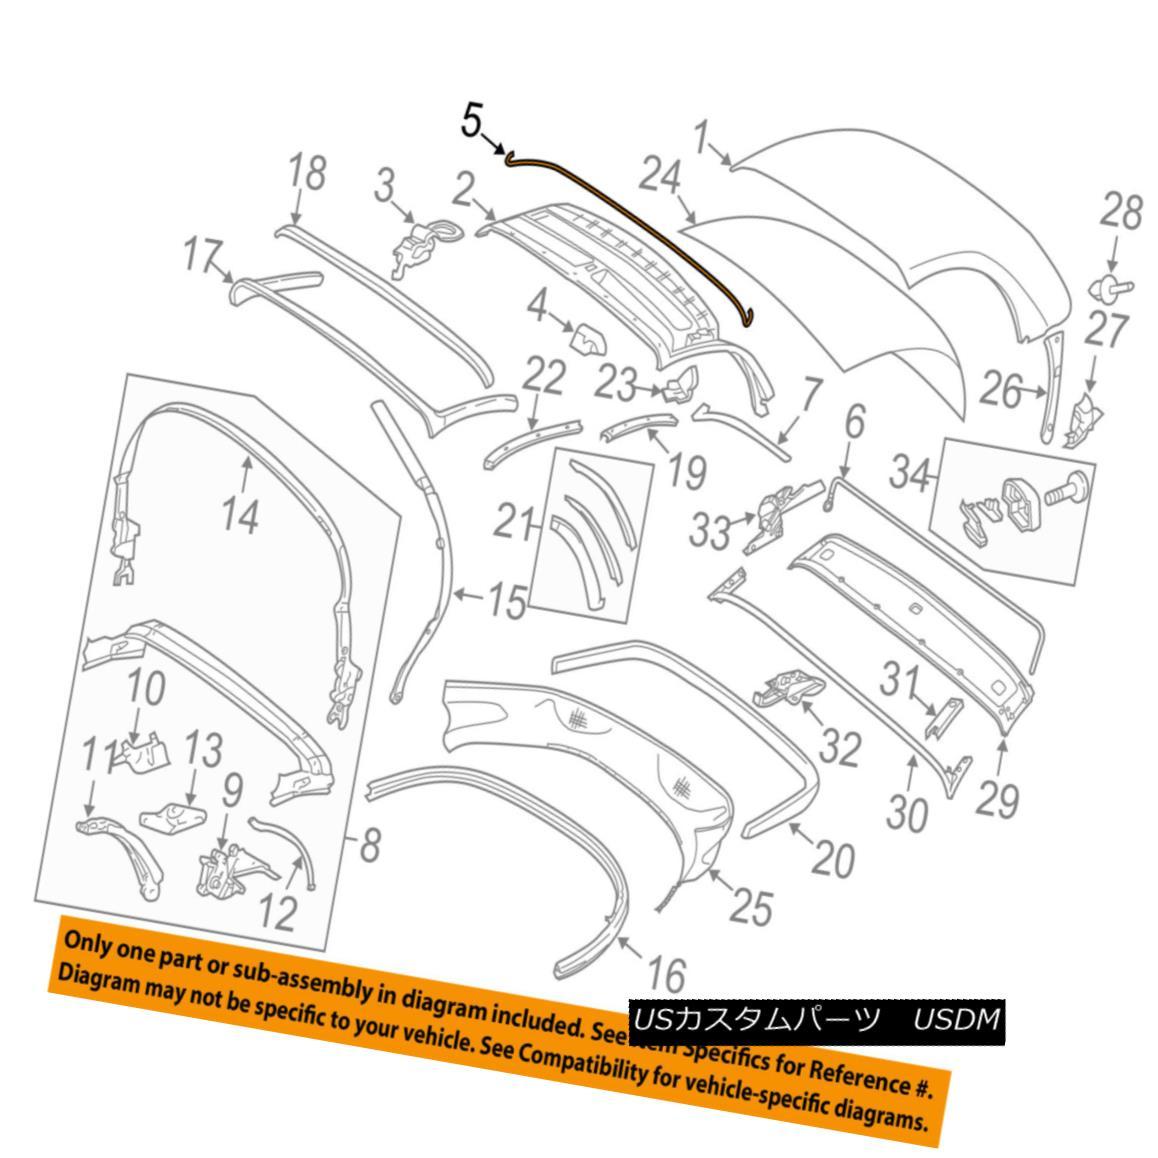 幌・ソフトトップ PORSCHE OEM 05-12 Boxster Convertible/soft Top-Tension Rope 98756177301 ポルシェOEM 05-12 Boxster Convertible / so ftトップテンションロープ98756177301